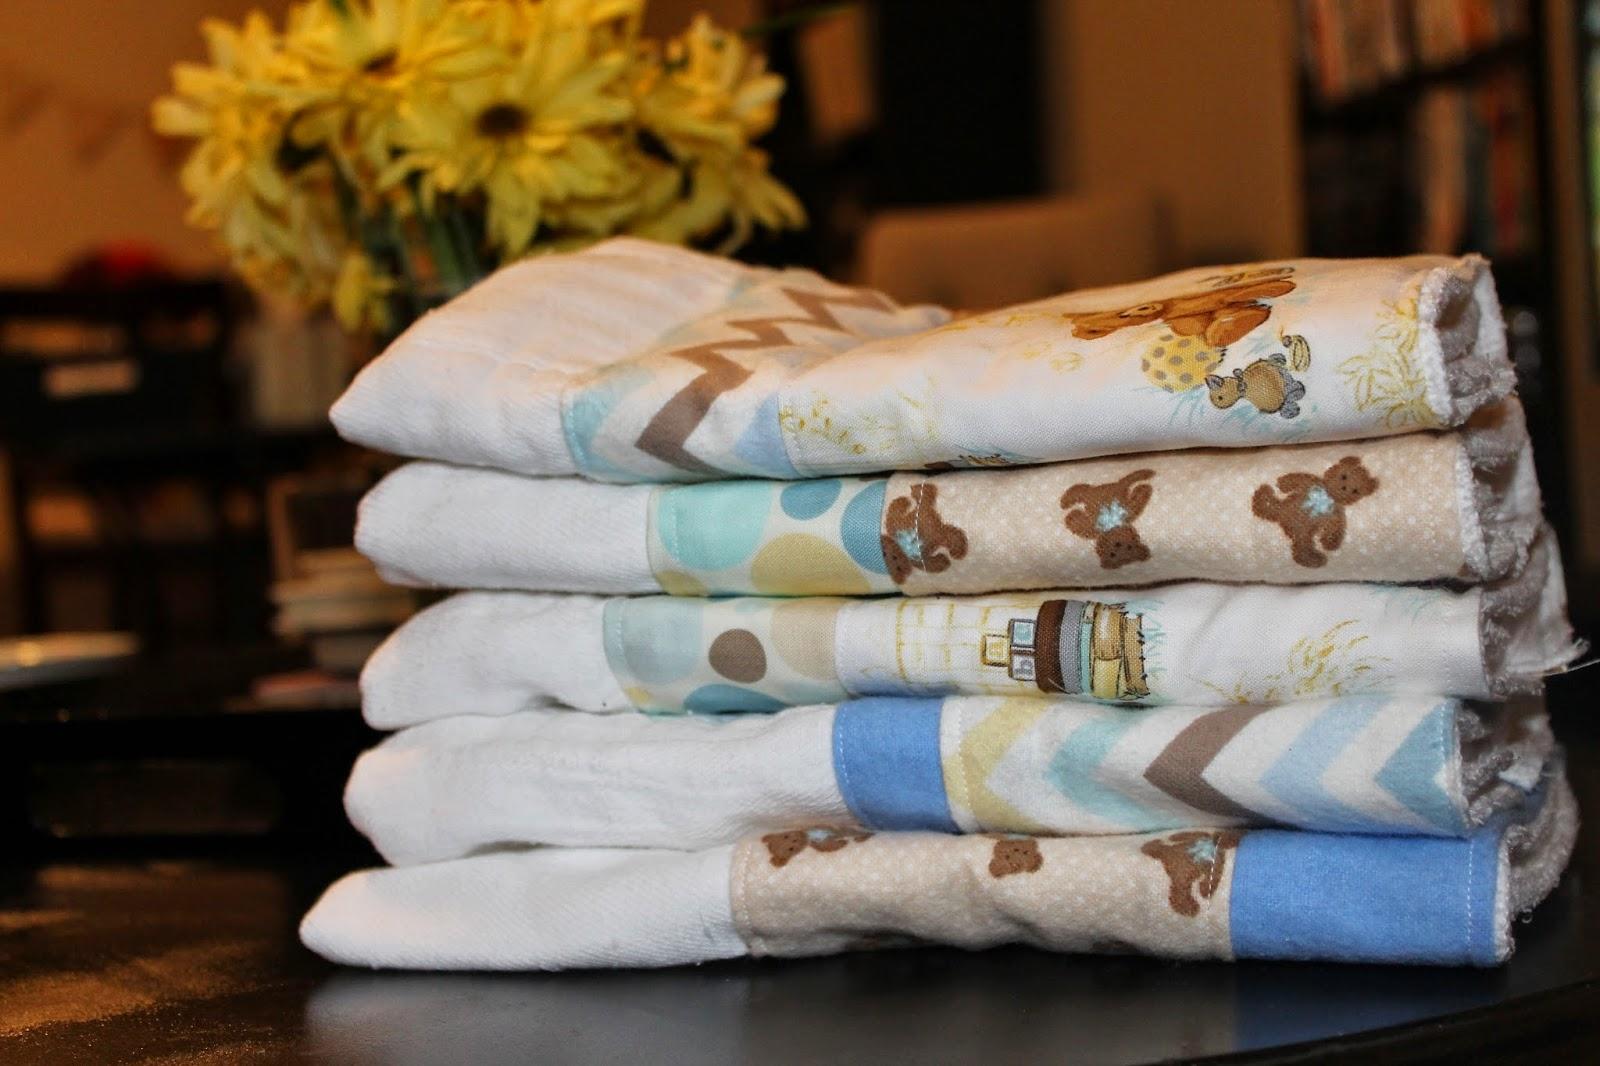 burp cloths from diapers, teddy bear burp cloths, sew burp cloths